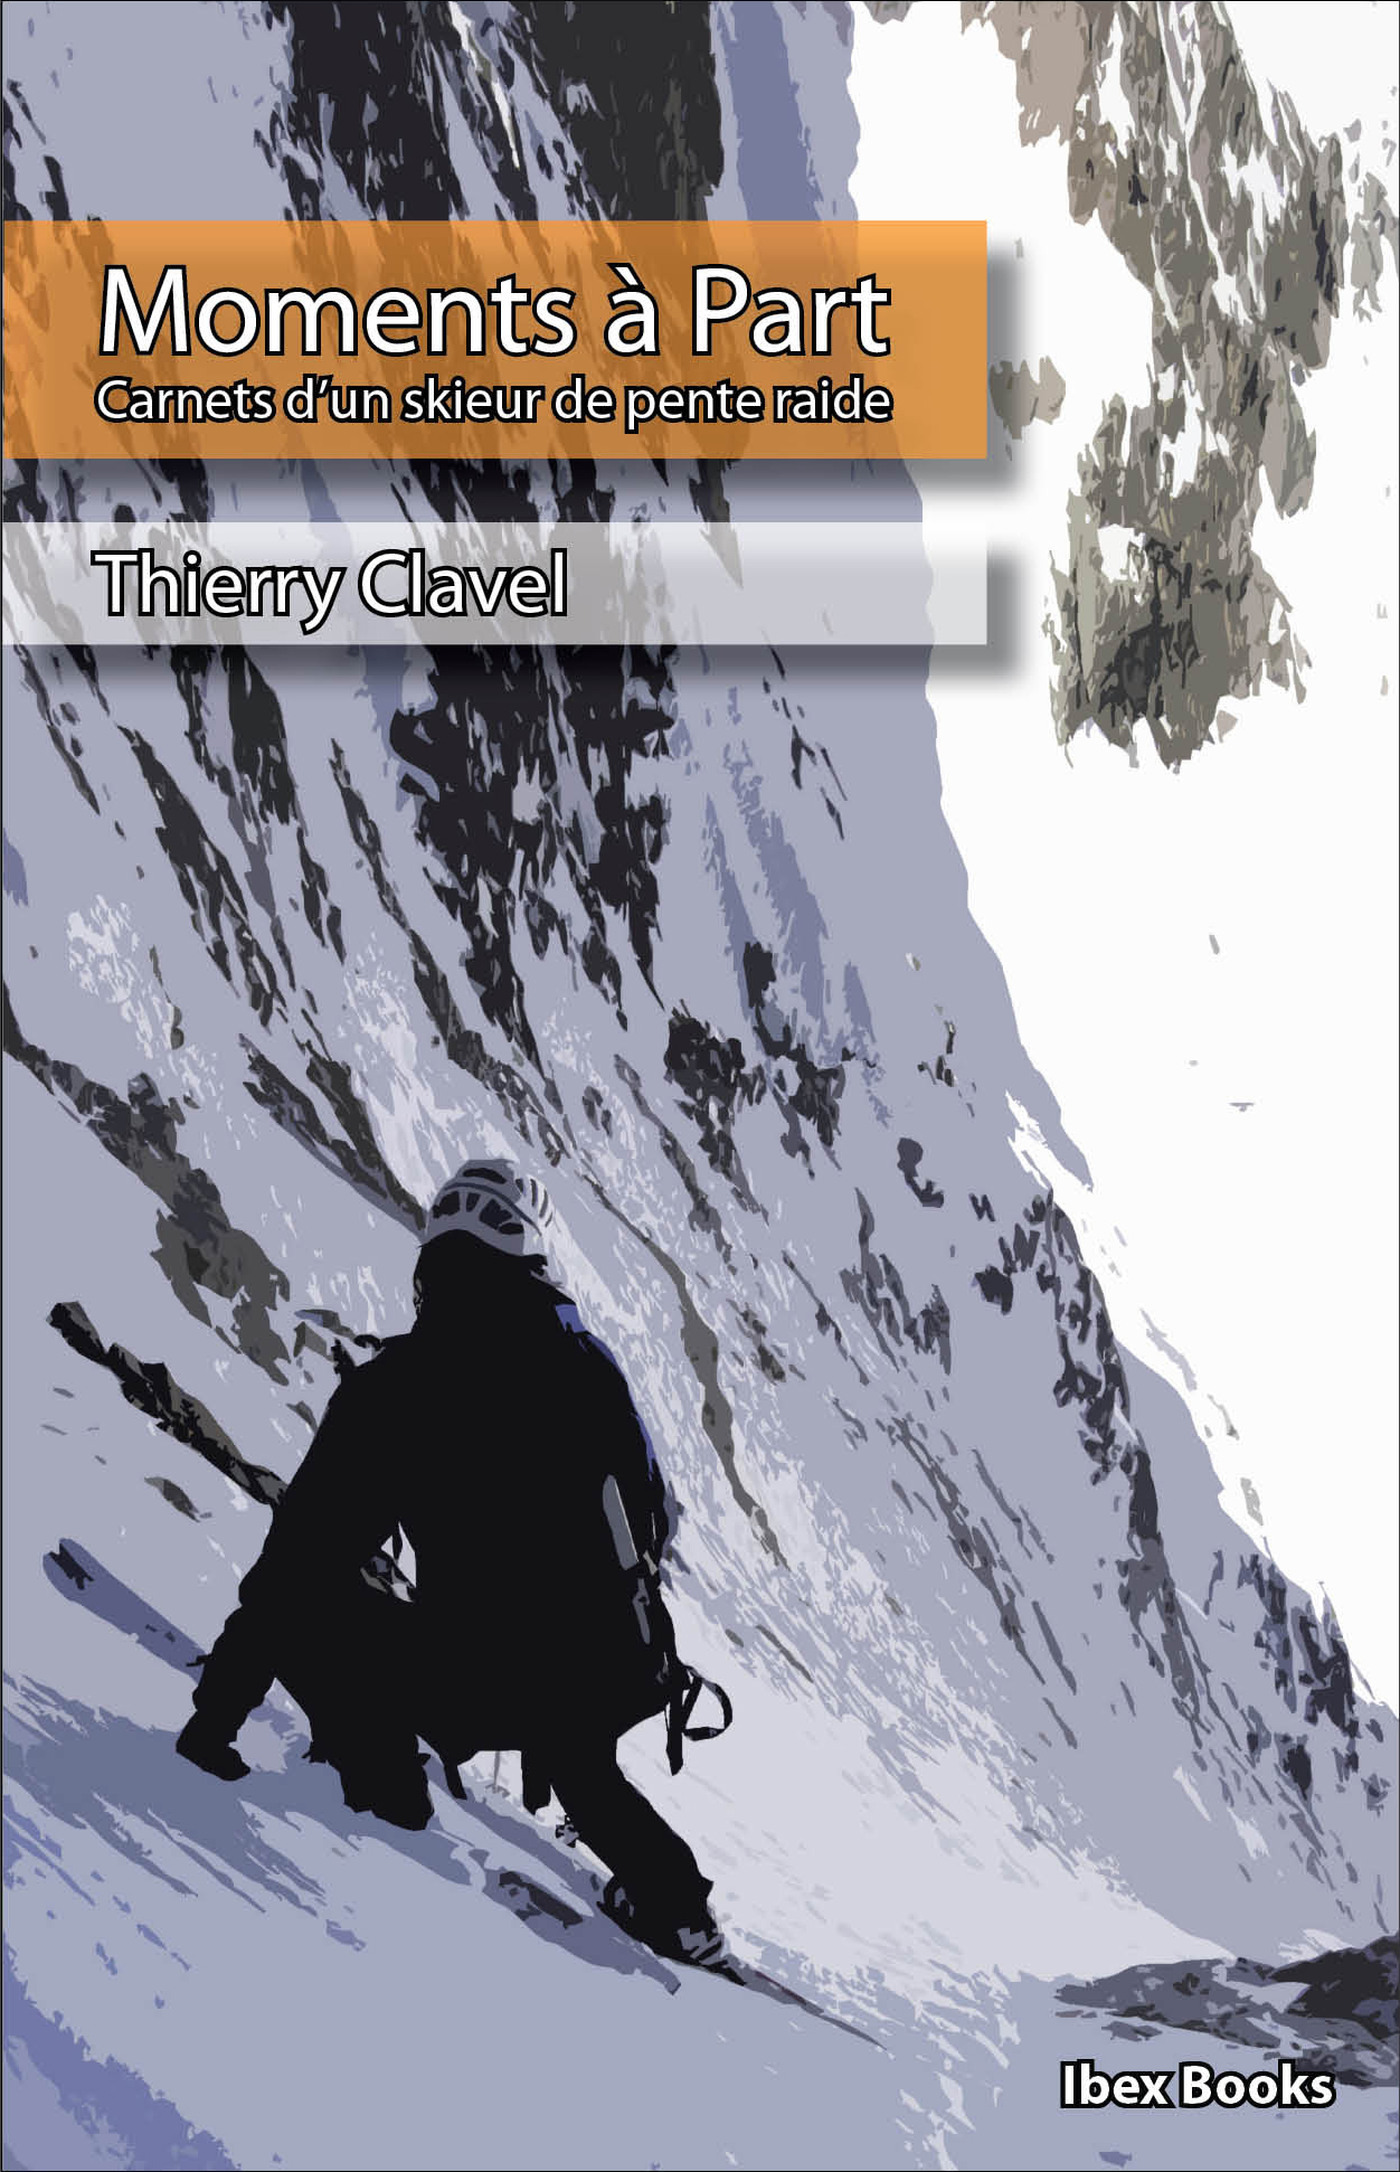 Moments a part - carnets d'un skieur de pente raide